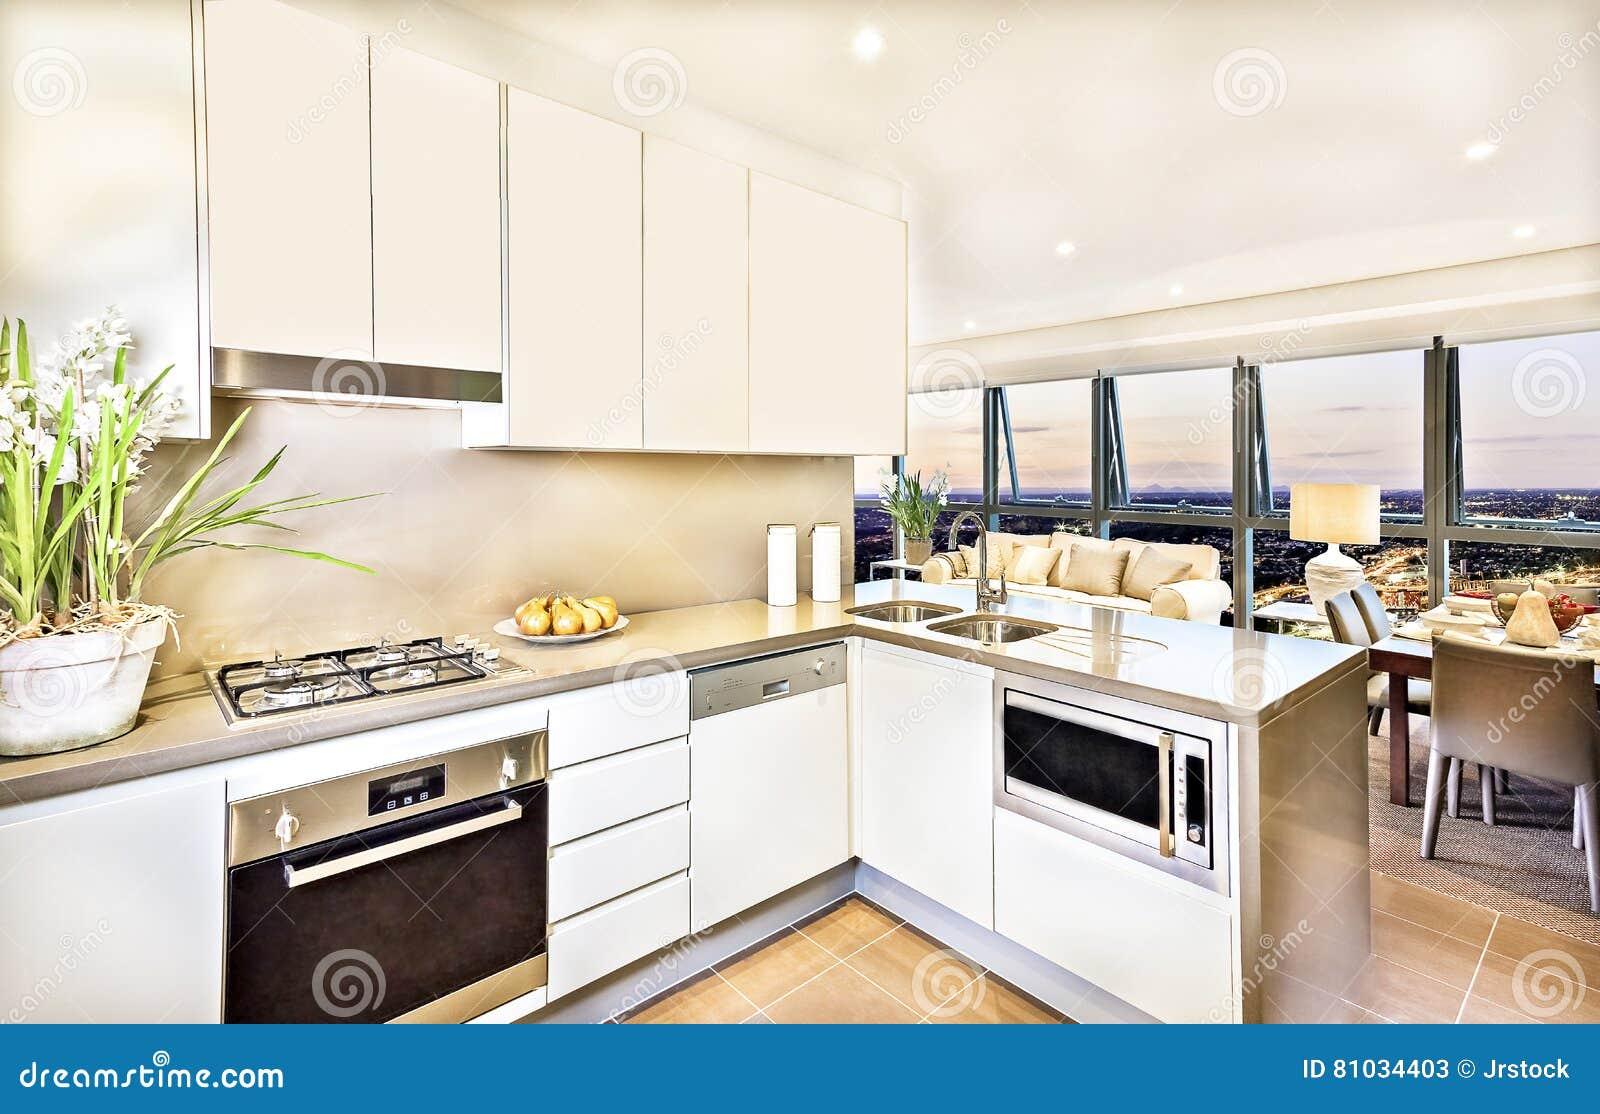 与客厅区域的现代厨房内部晚上